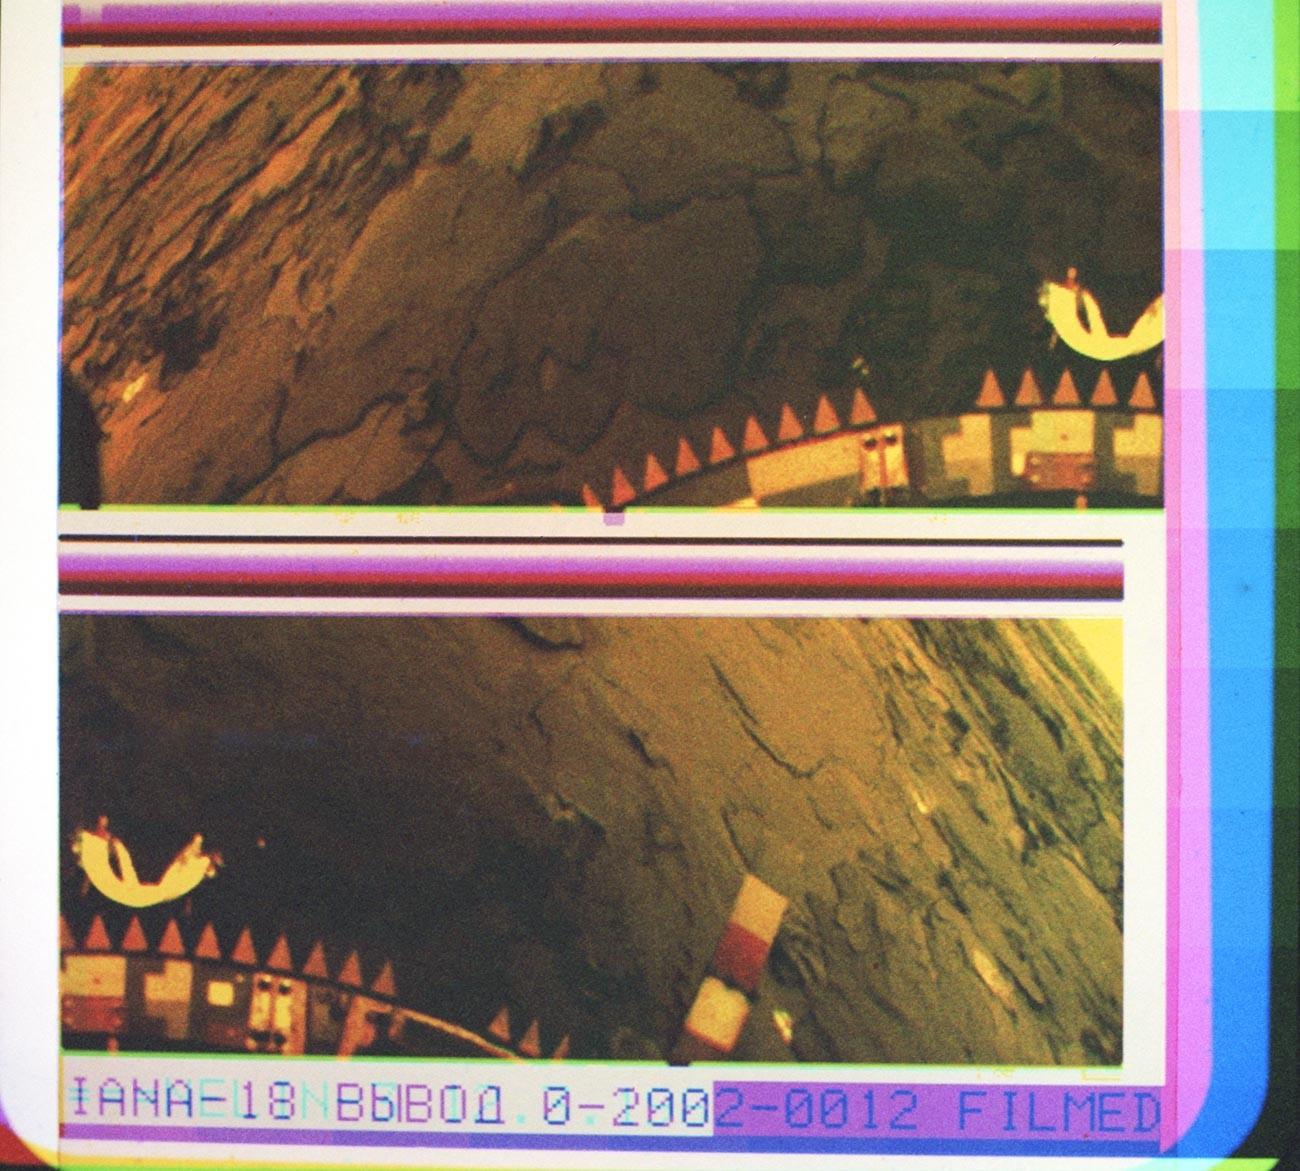 Immagine panoramica a colori della superficie di Venere